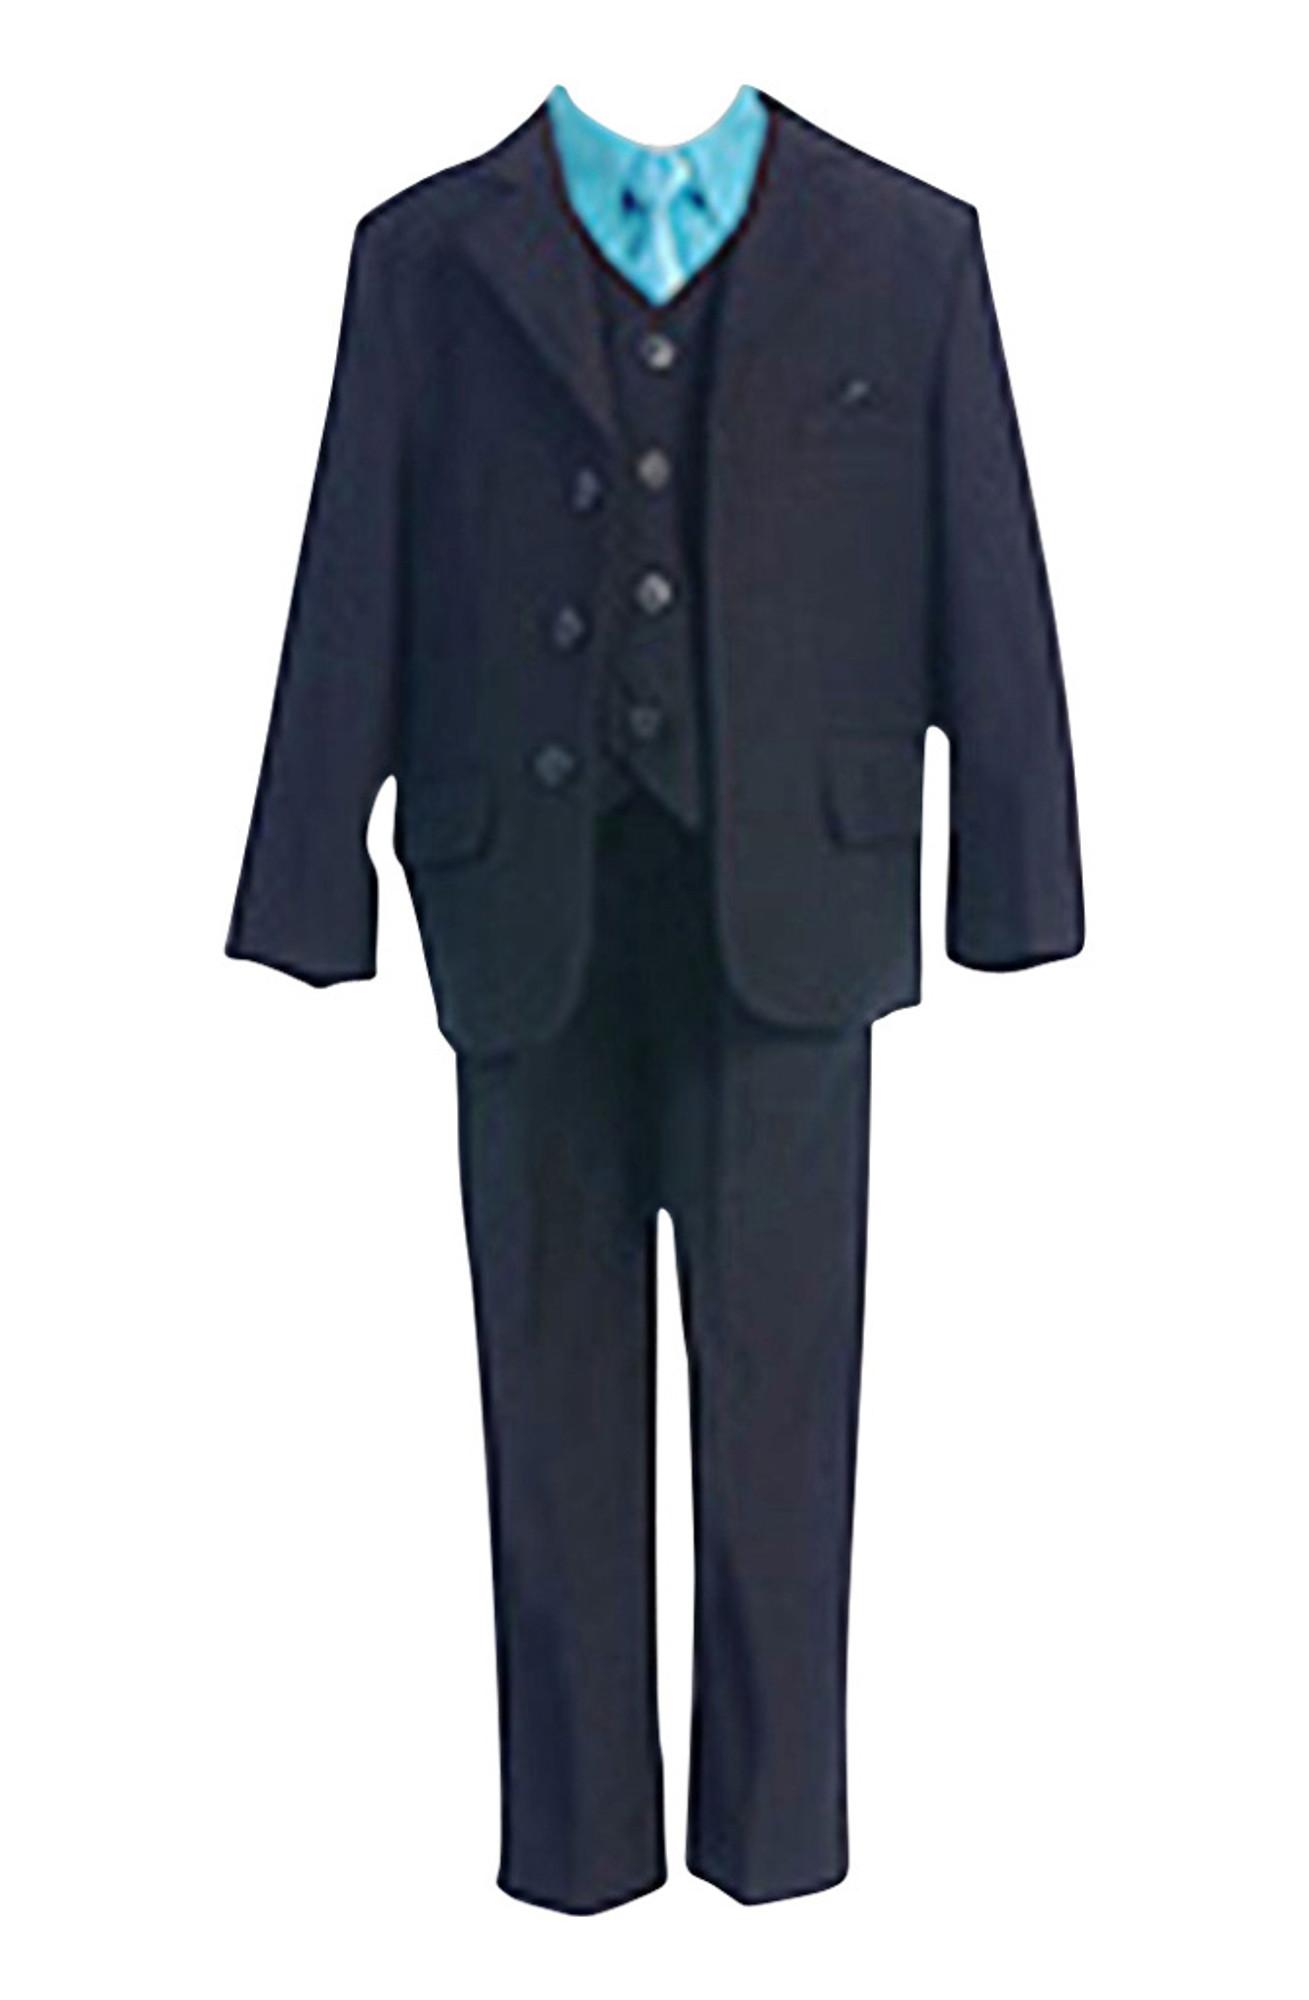 BIMARO Jungen Anzug Bastian schwarz türkis blau Set Hemd Weste Hochzeit Weihnachten Konfirmation festlich